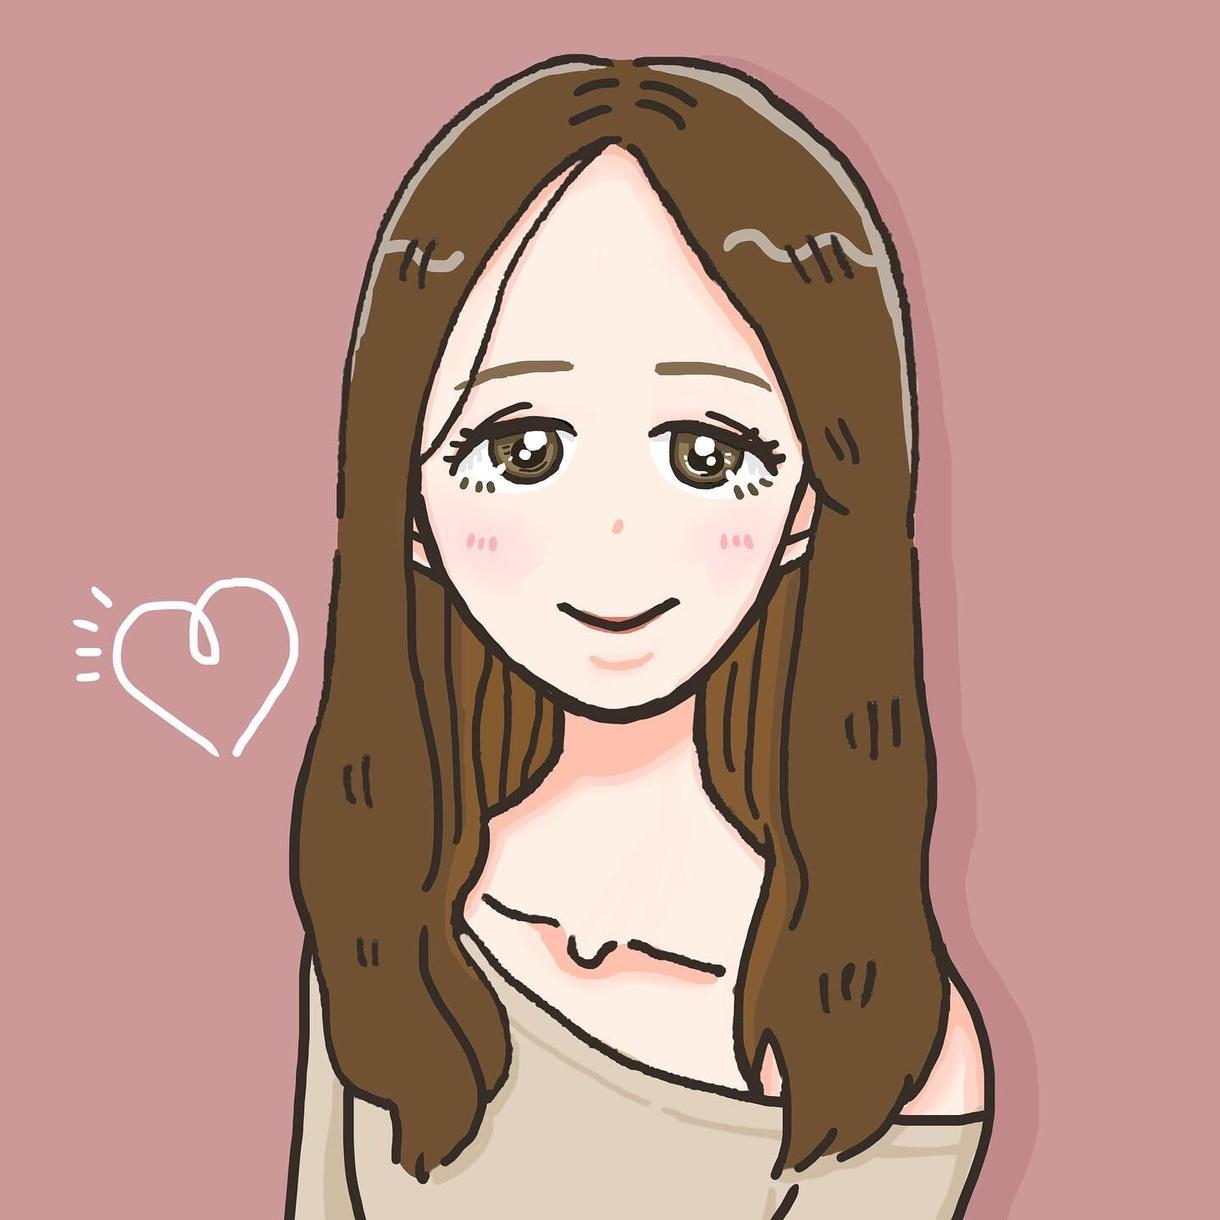 SNSのアイコンや似顔絵を可愛く描きます あなたの似顔絵をアイコンにしませんか?